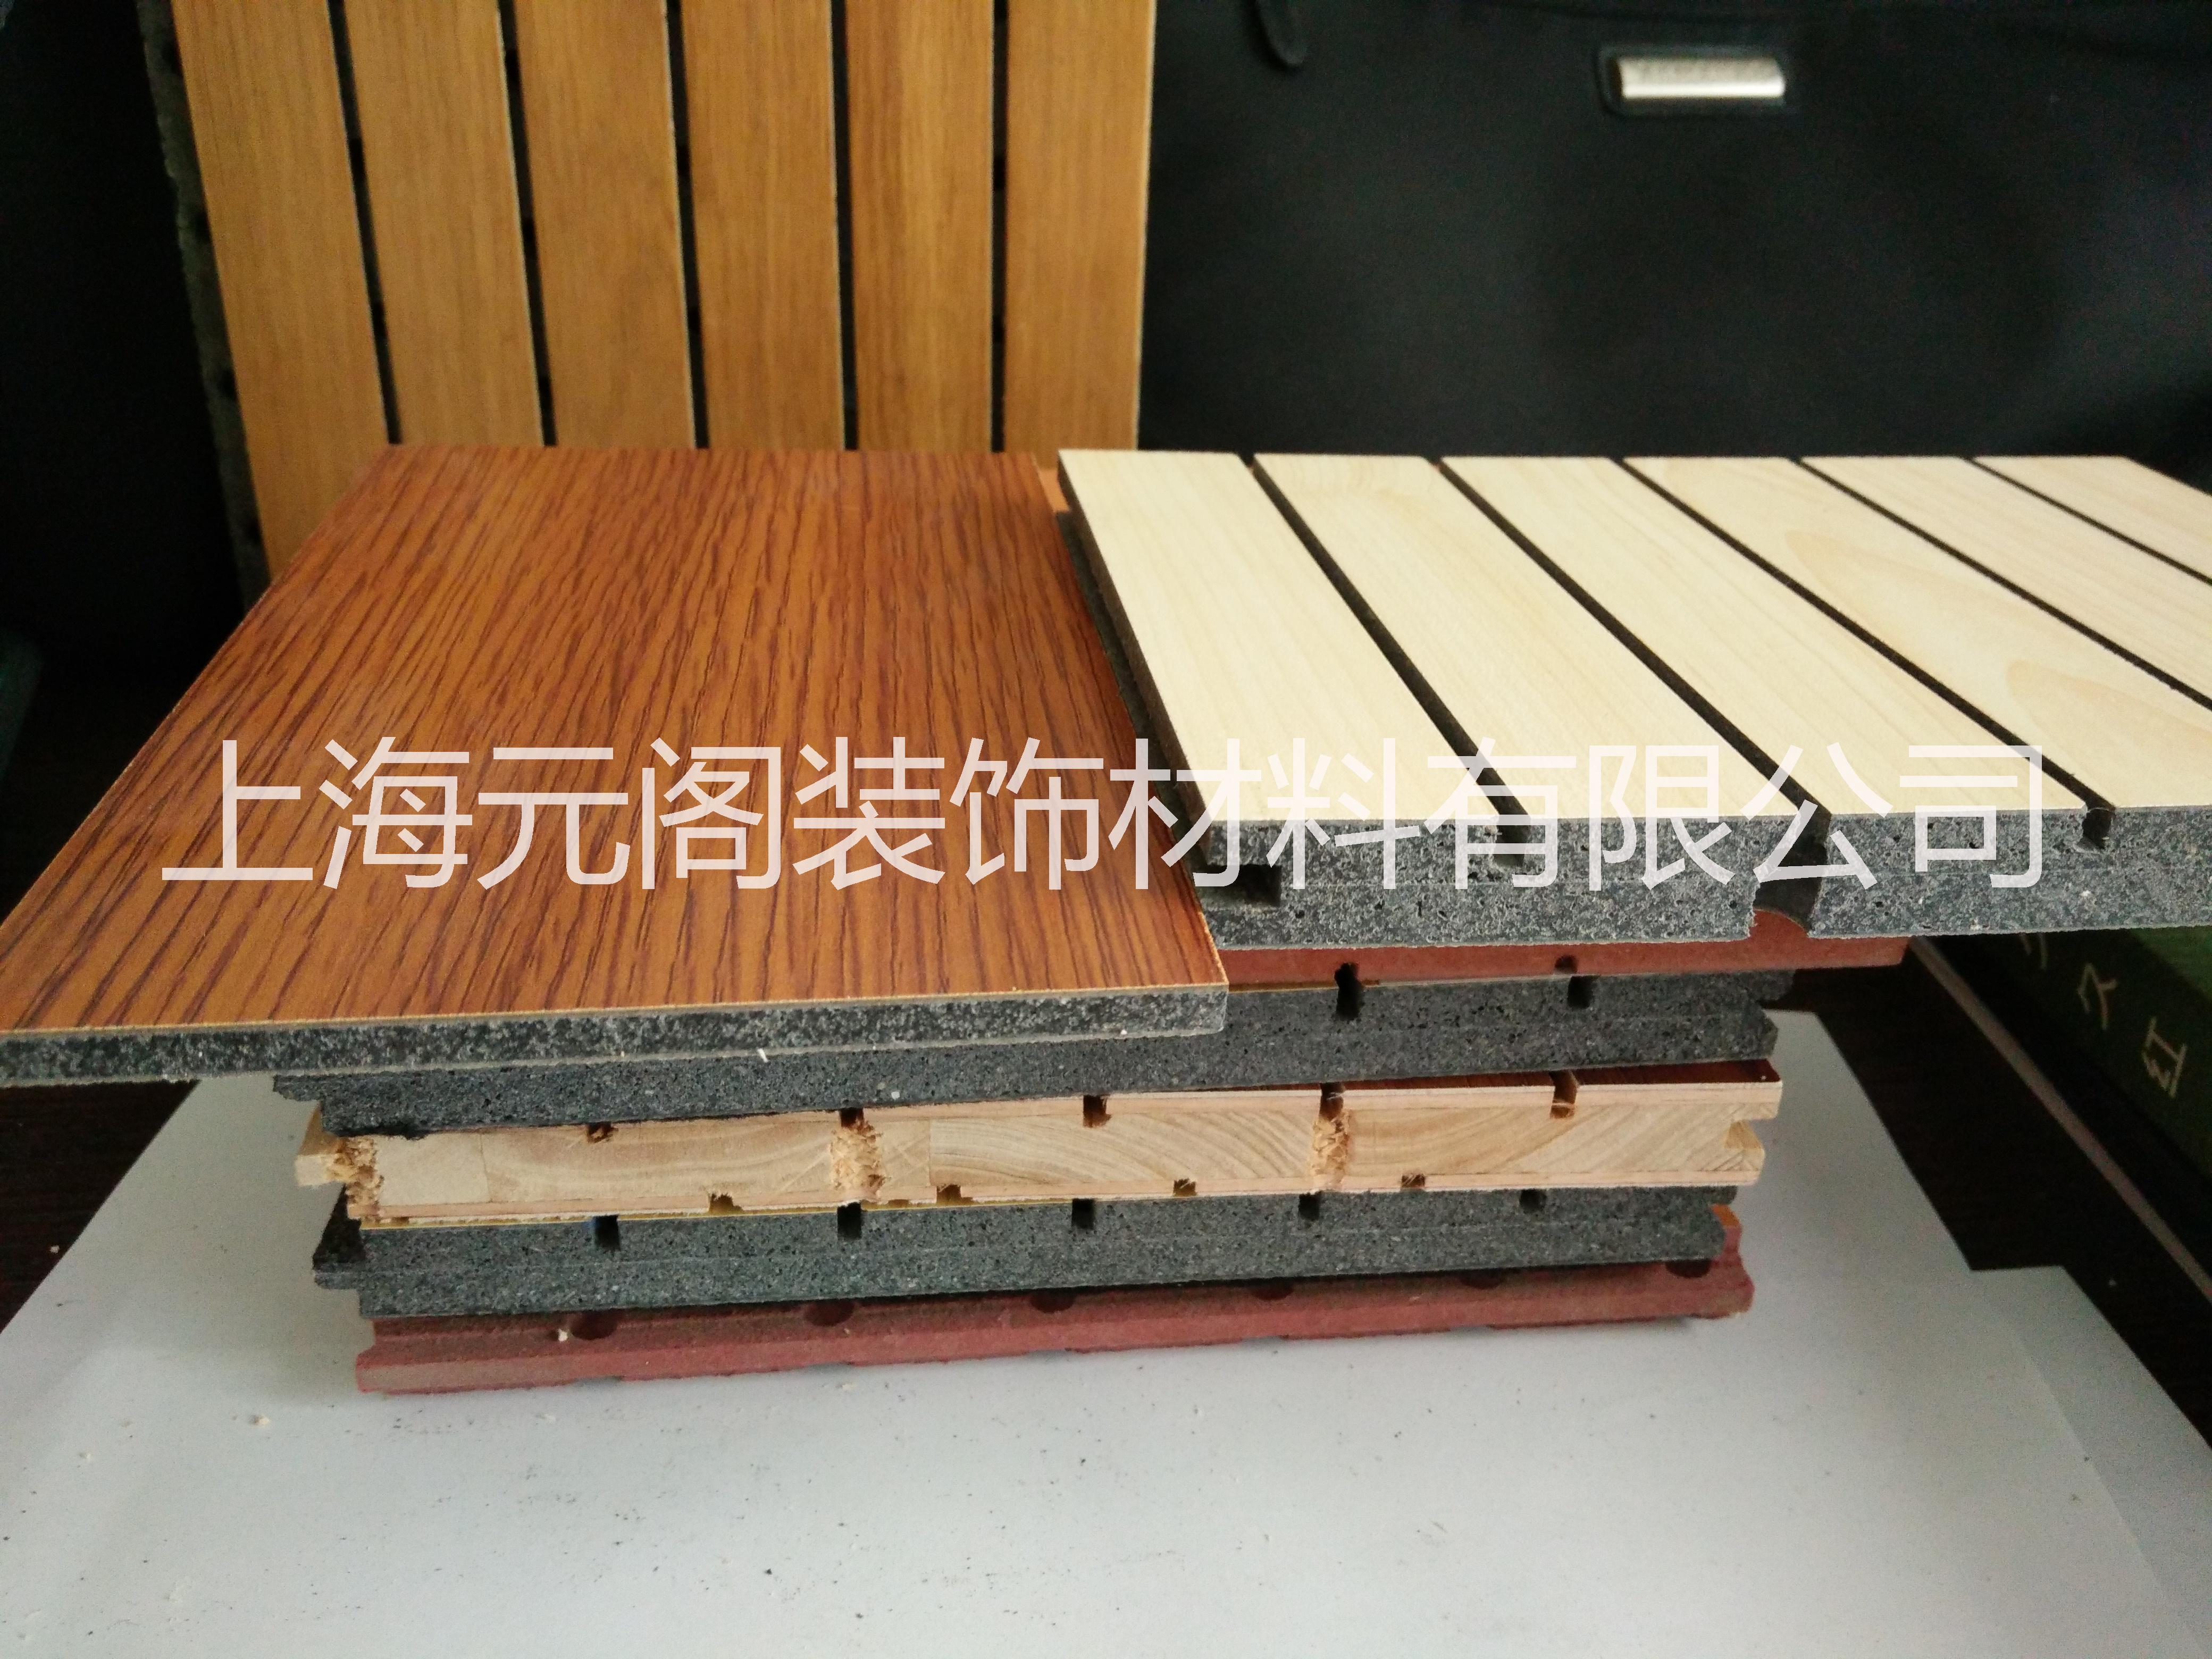 冰火板硅酸钙基材防火A级阻燃